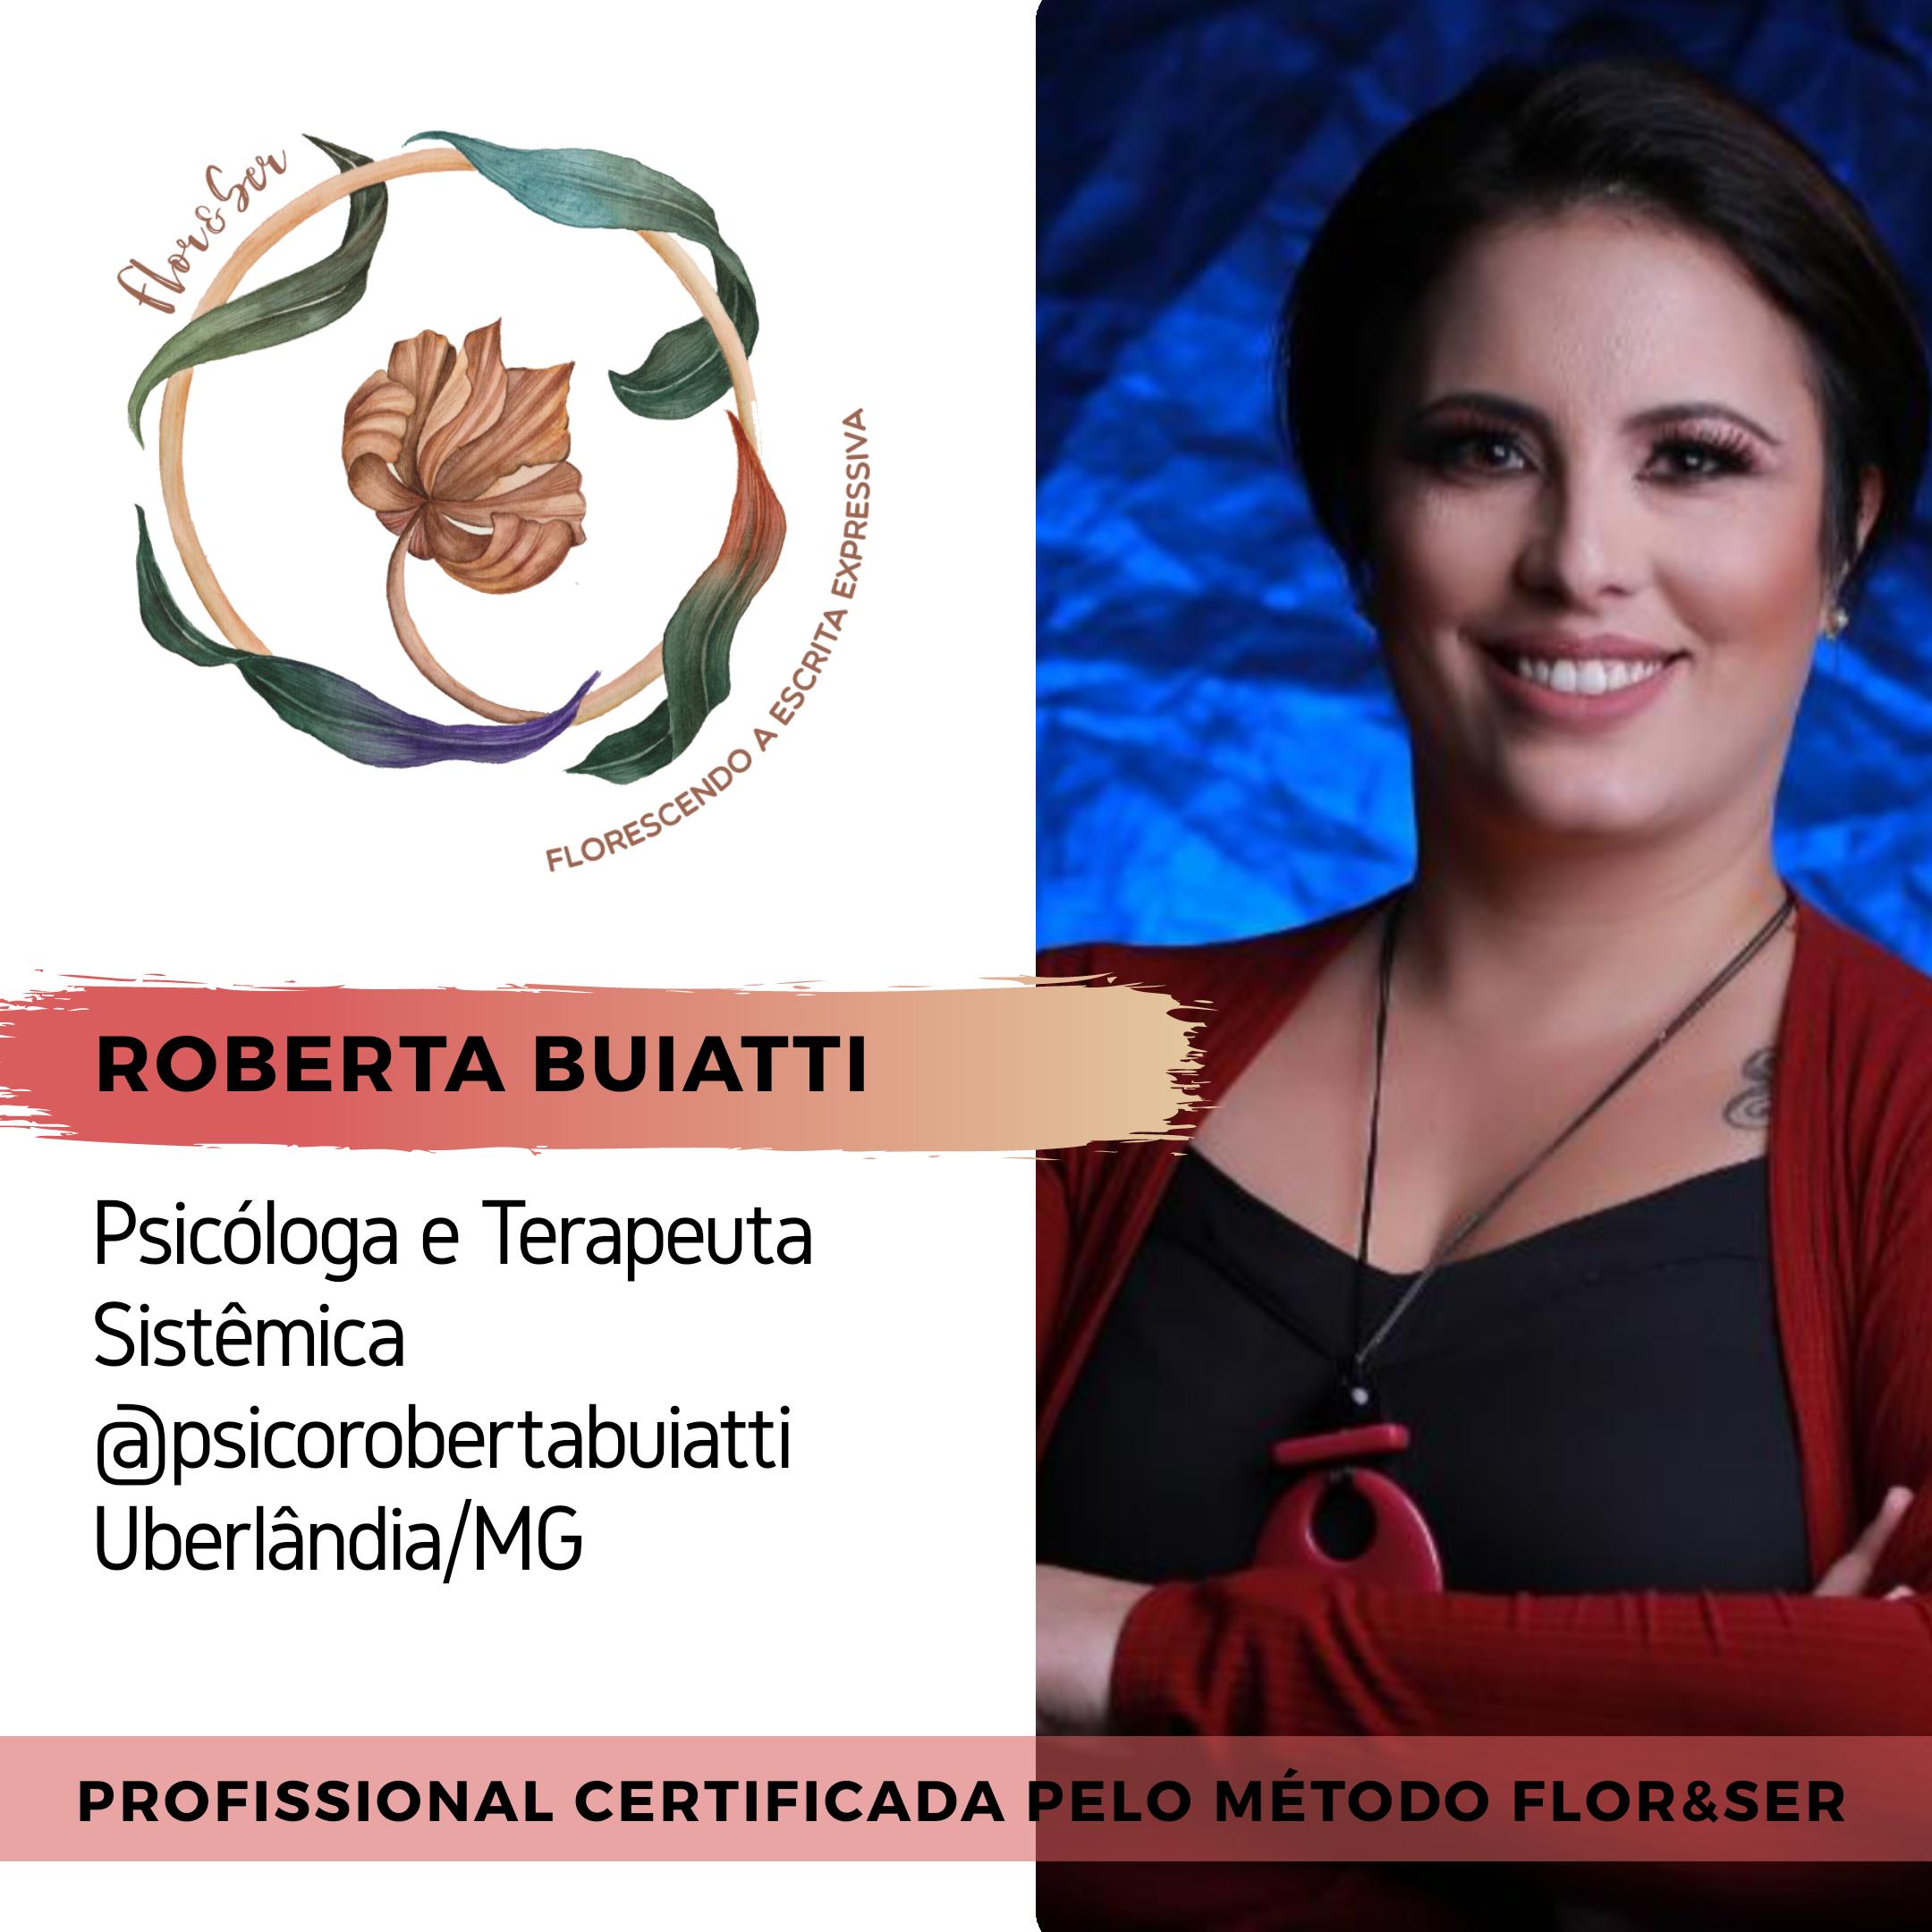 Roberta Buiatti